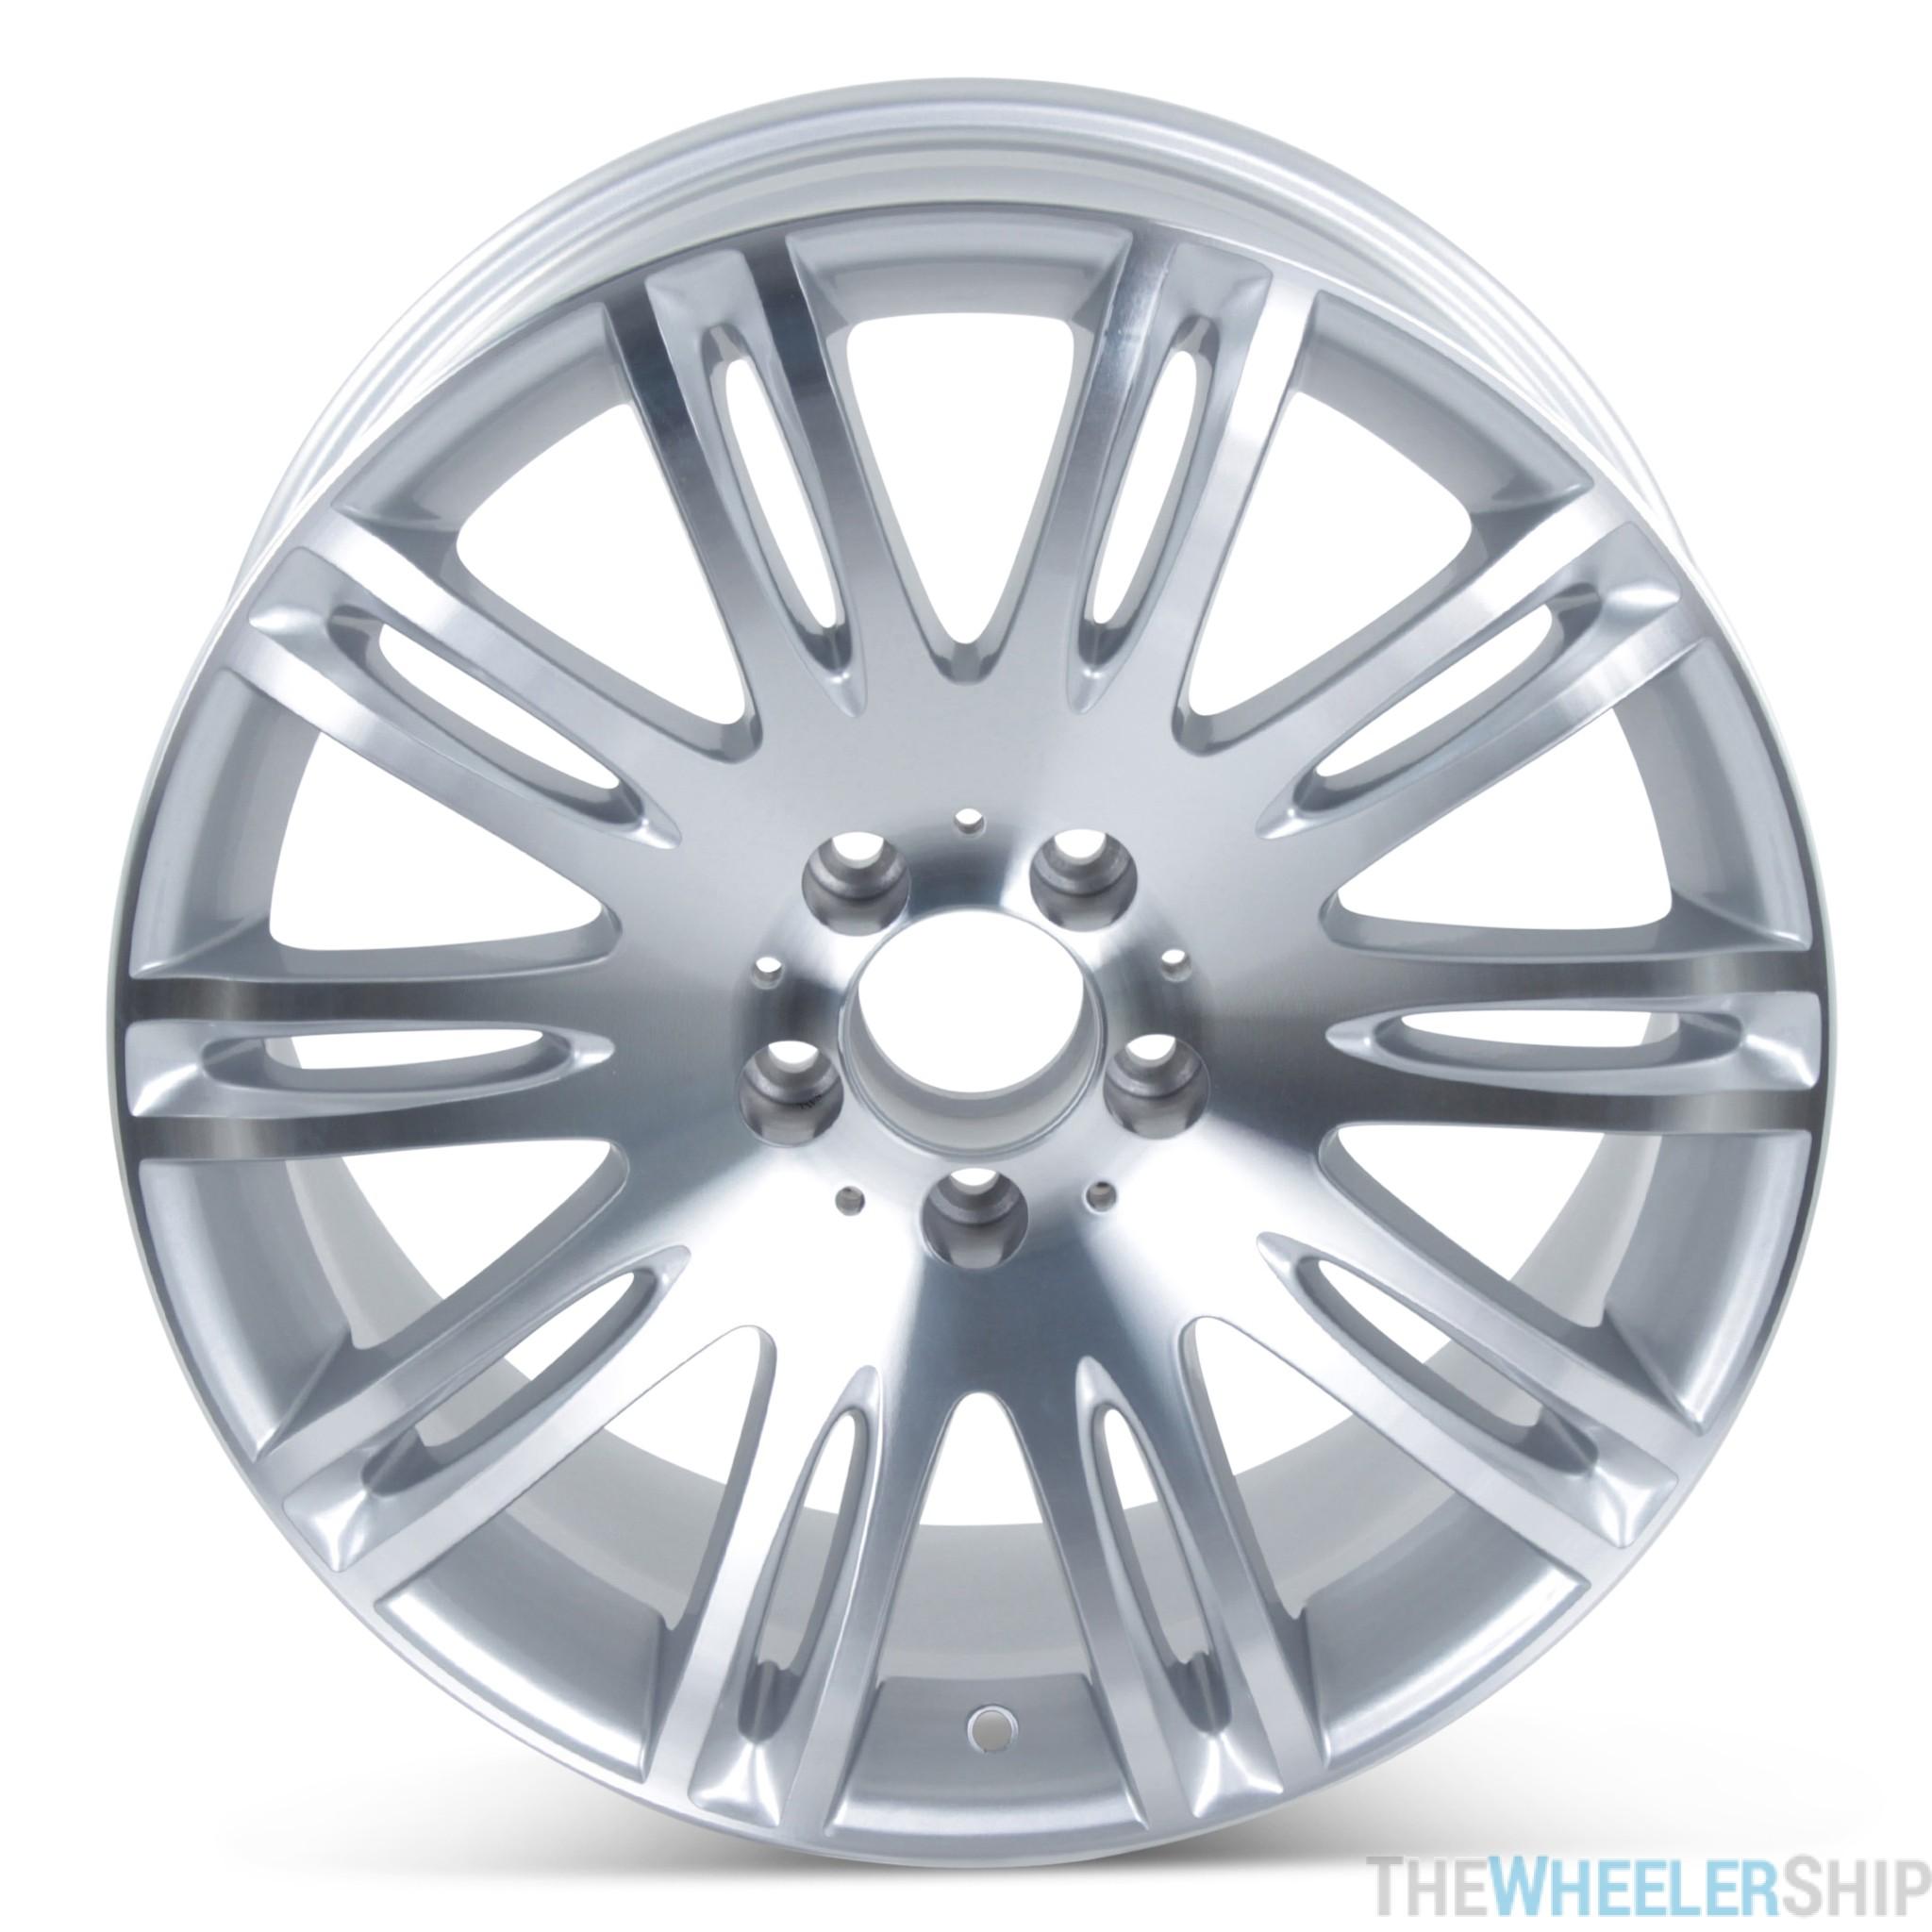 """Brand New 18/"""" Rear Replacement Wheel for Mercedes E350 E550 2007-2009 Rim 65433"""